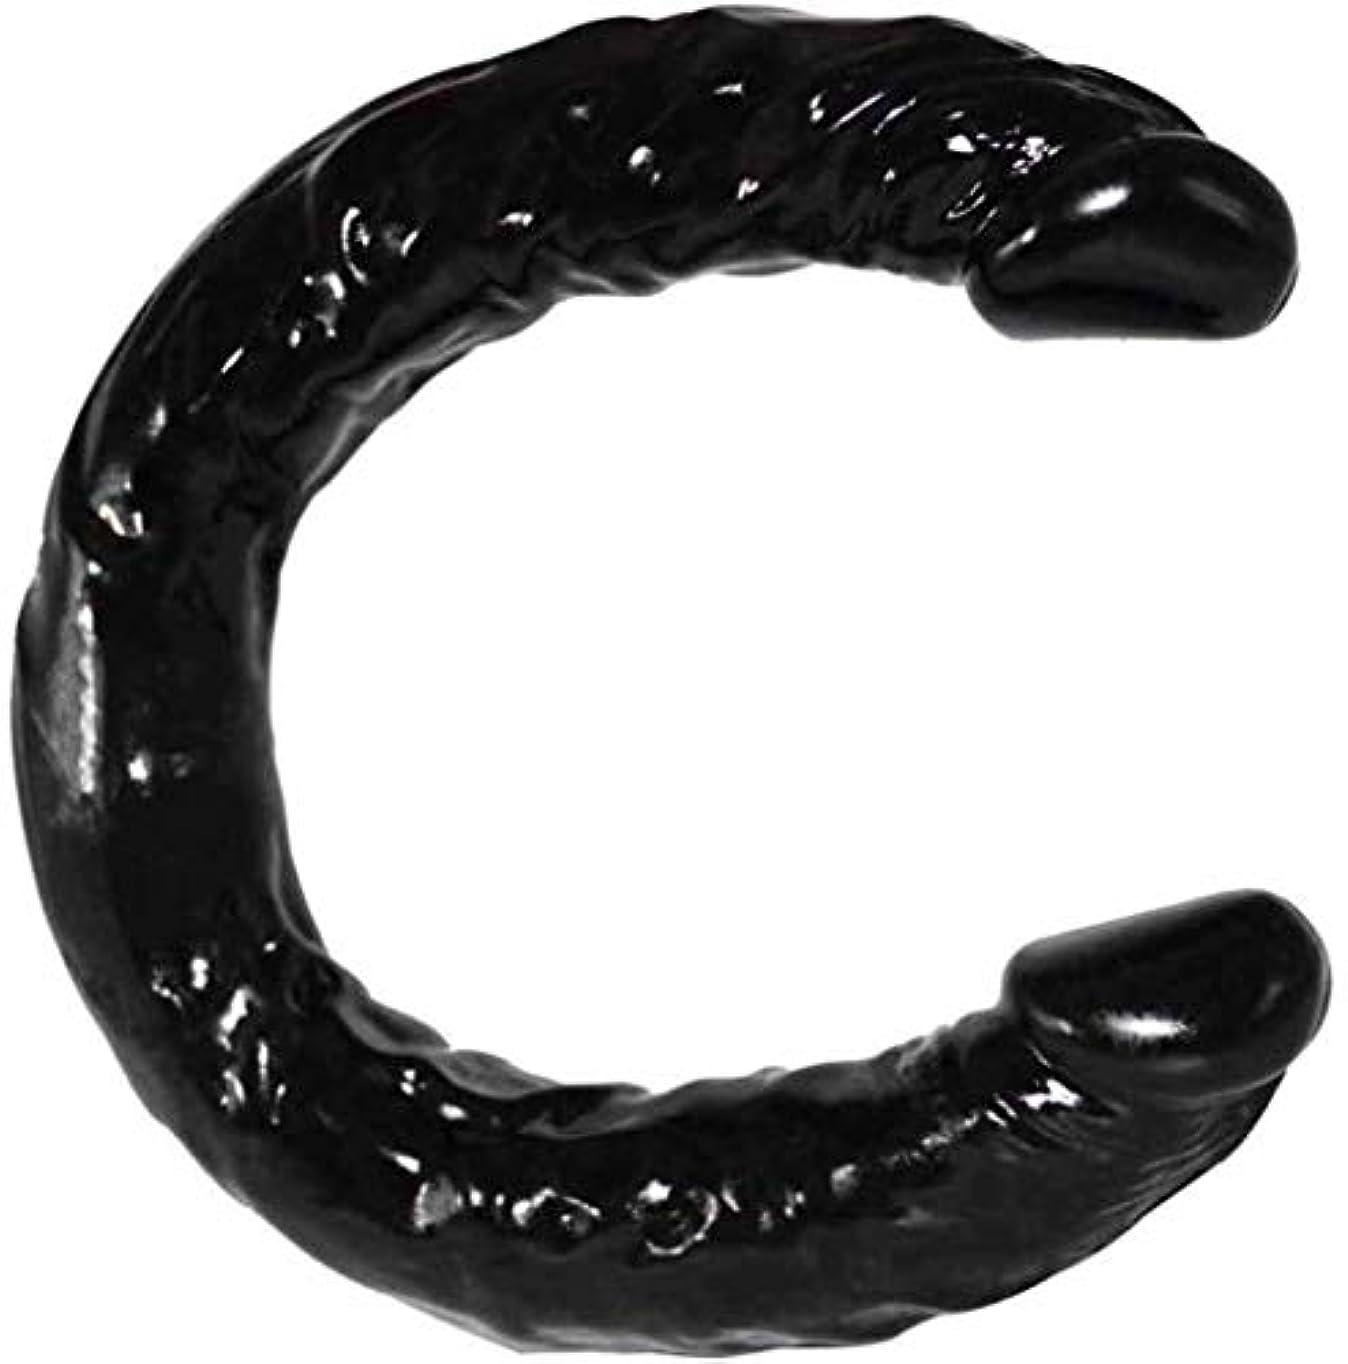 とにかくフォーカス抱擁ハンドヘルドポータブル模擬玩具柔軟な振動が大型玩具ブラックカラーPVC素材をスラスト